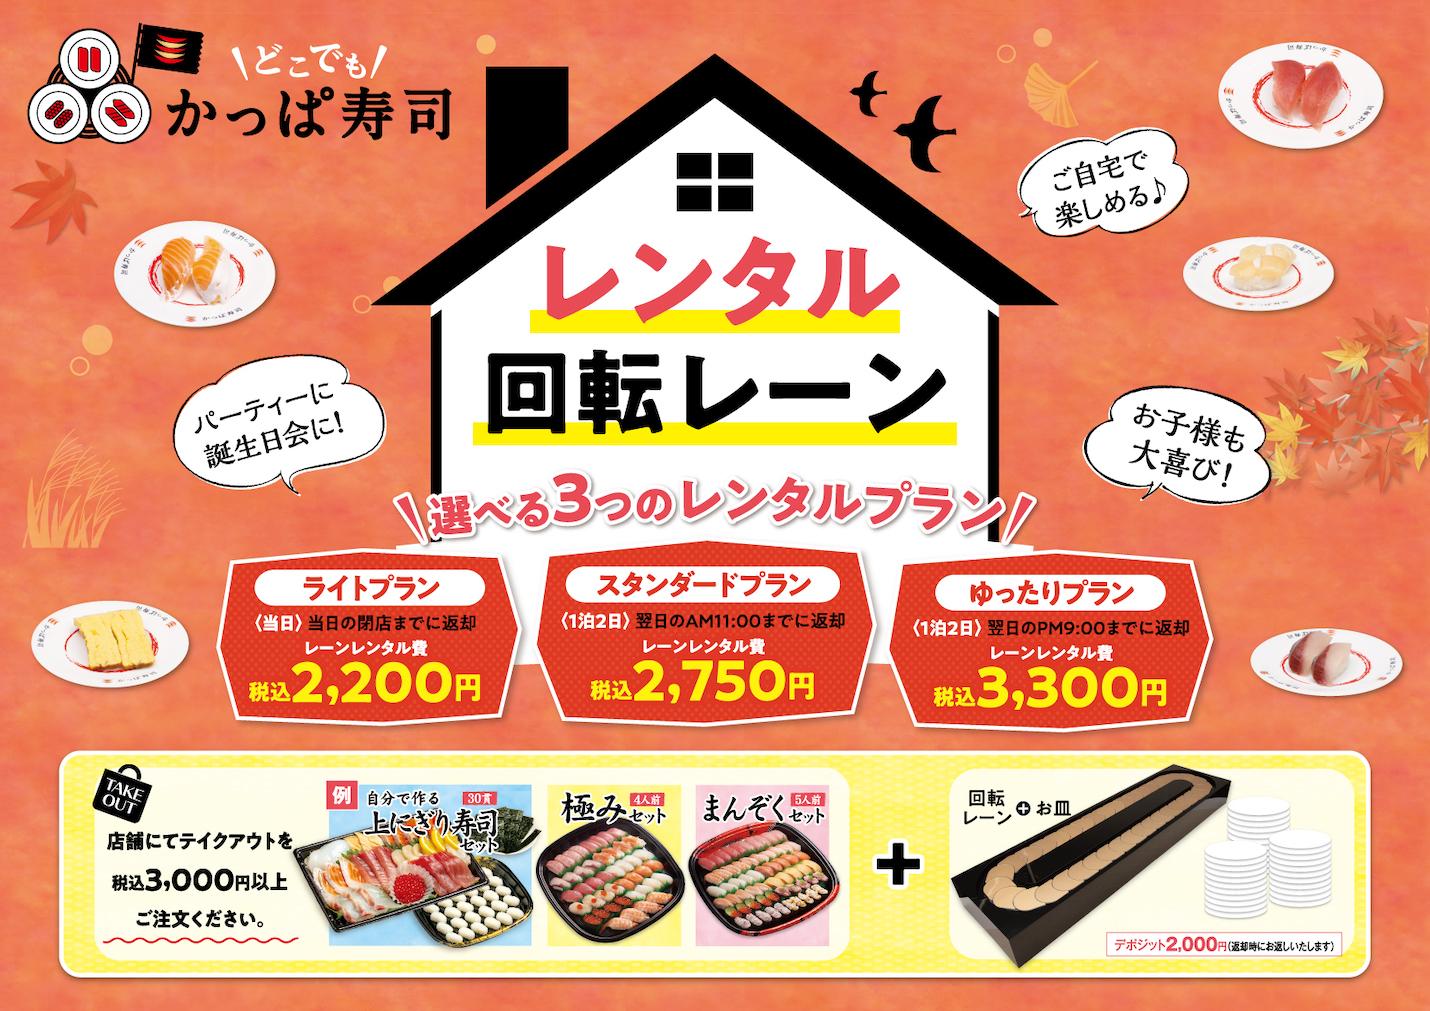 かっぱ寿司「レンタル回転レーン」